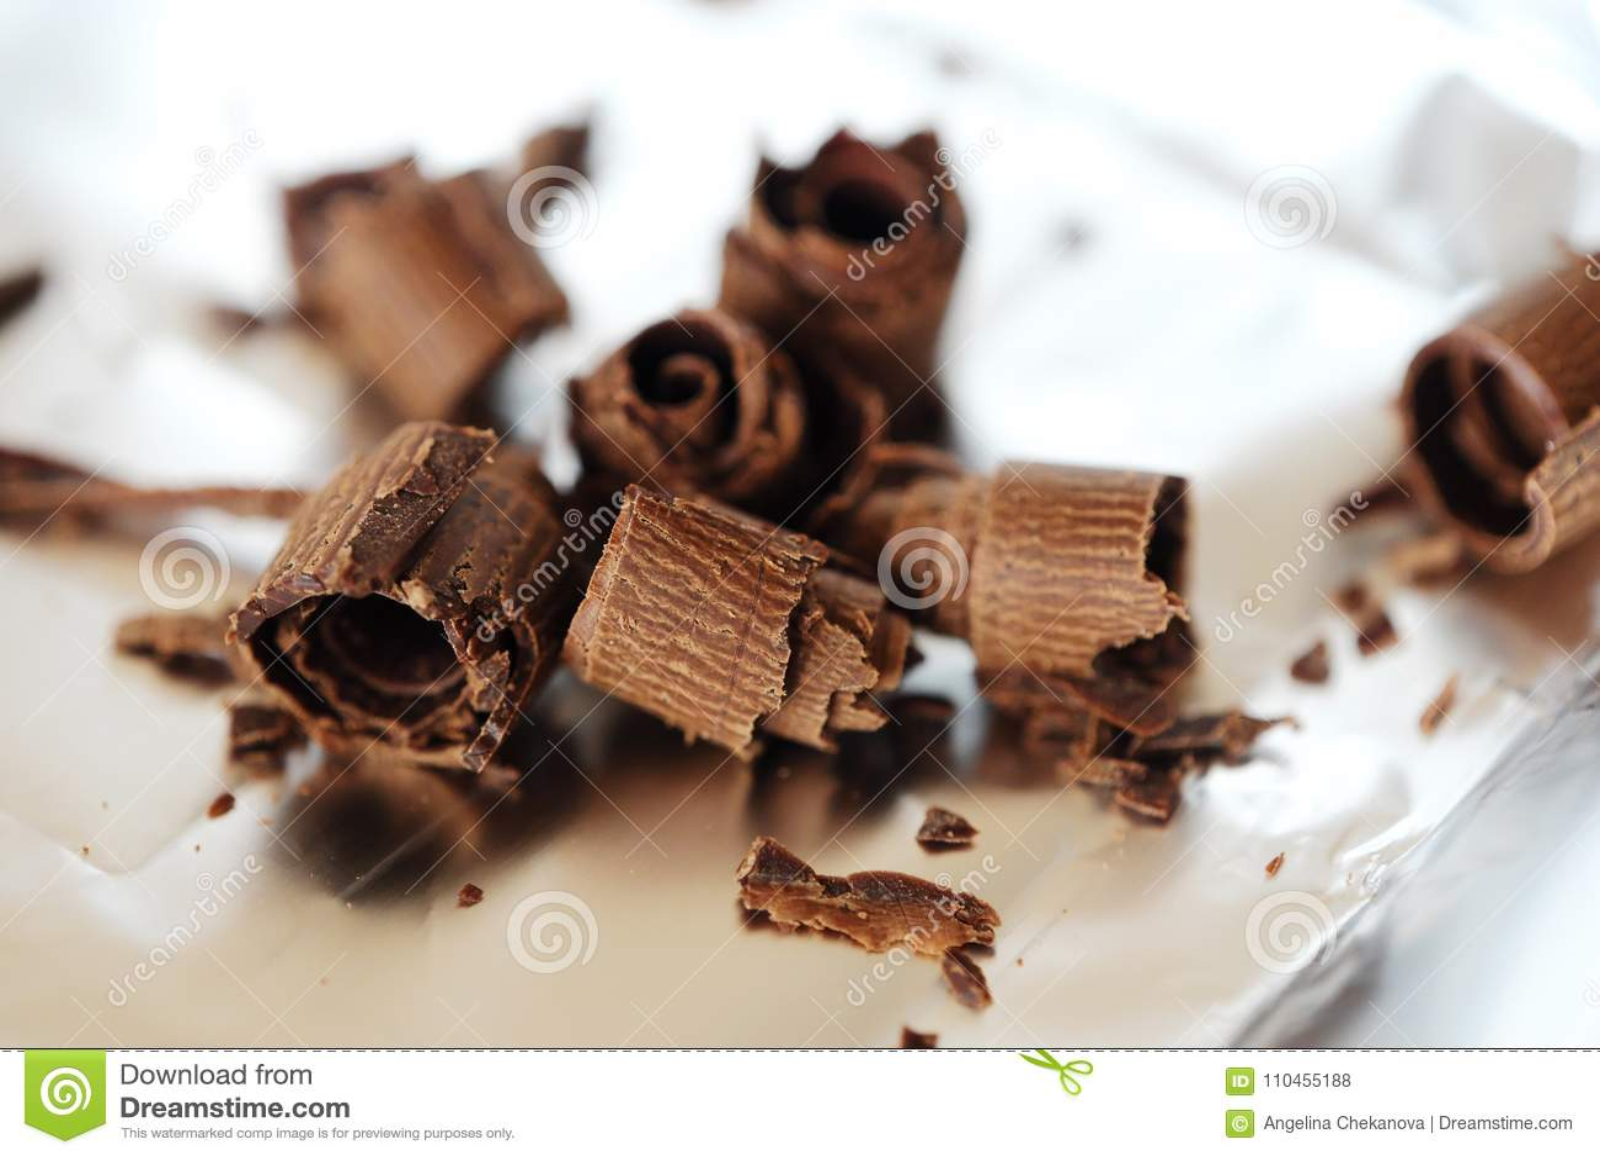 Läcker mörk choklad på foliebakgrunden